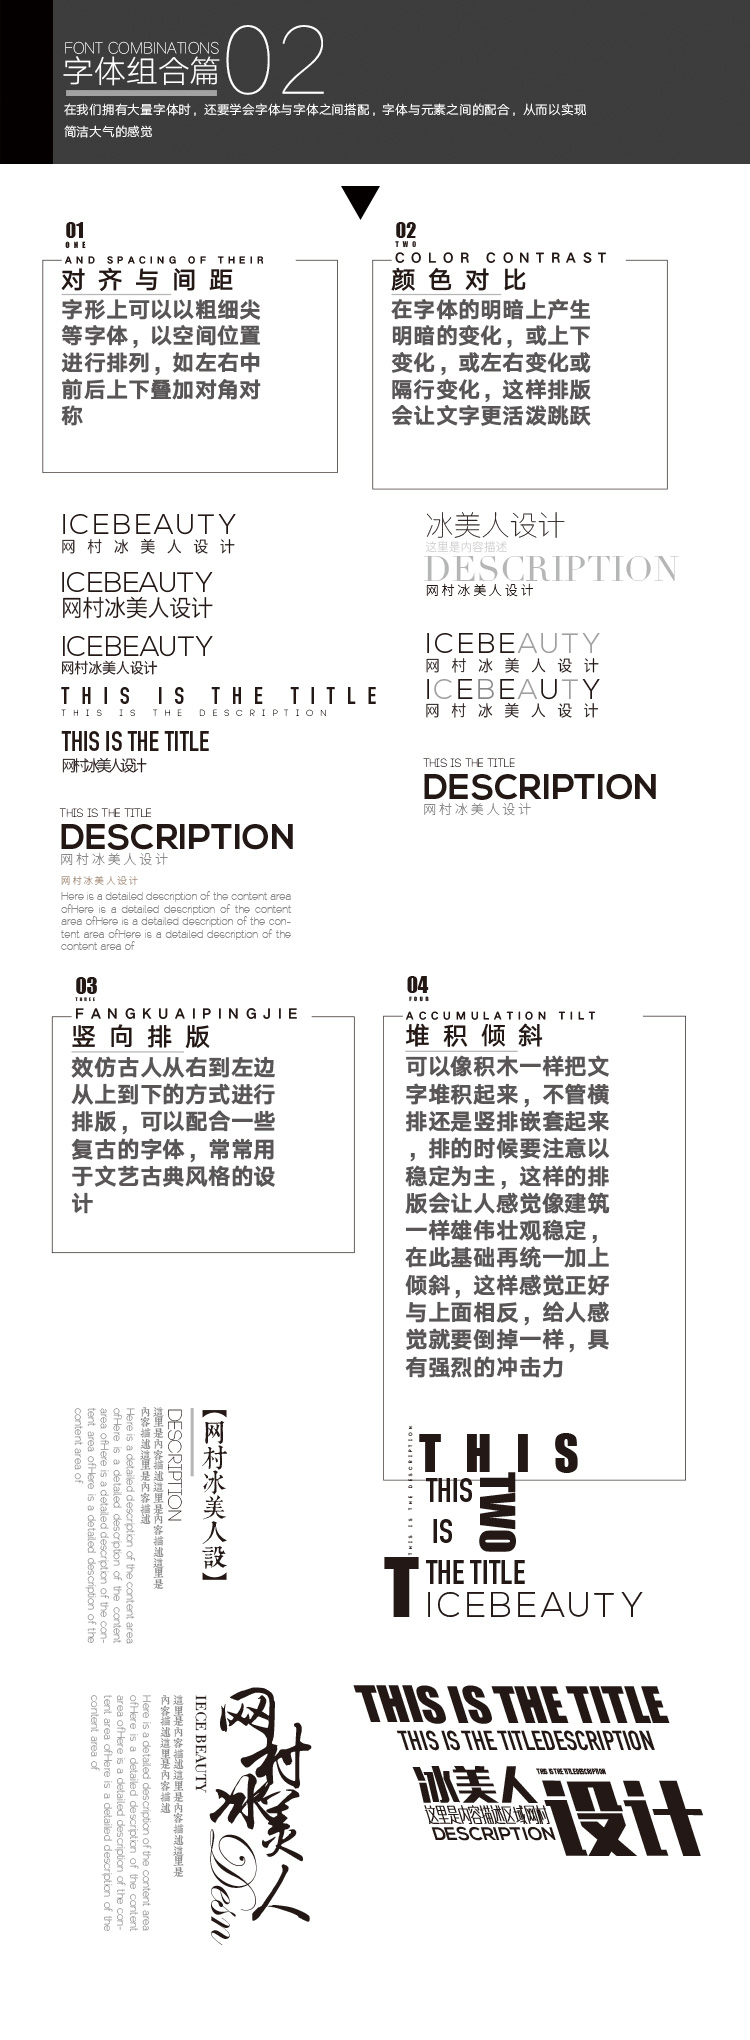 xiang1_02